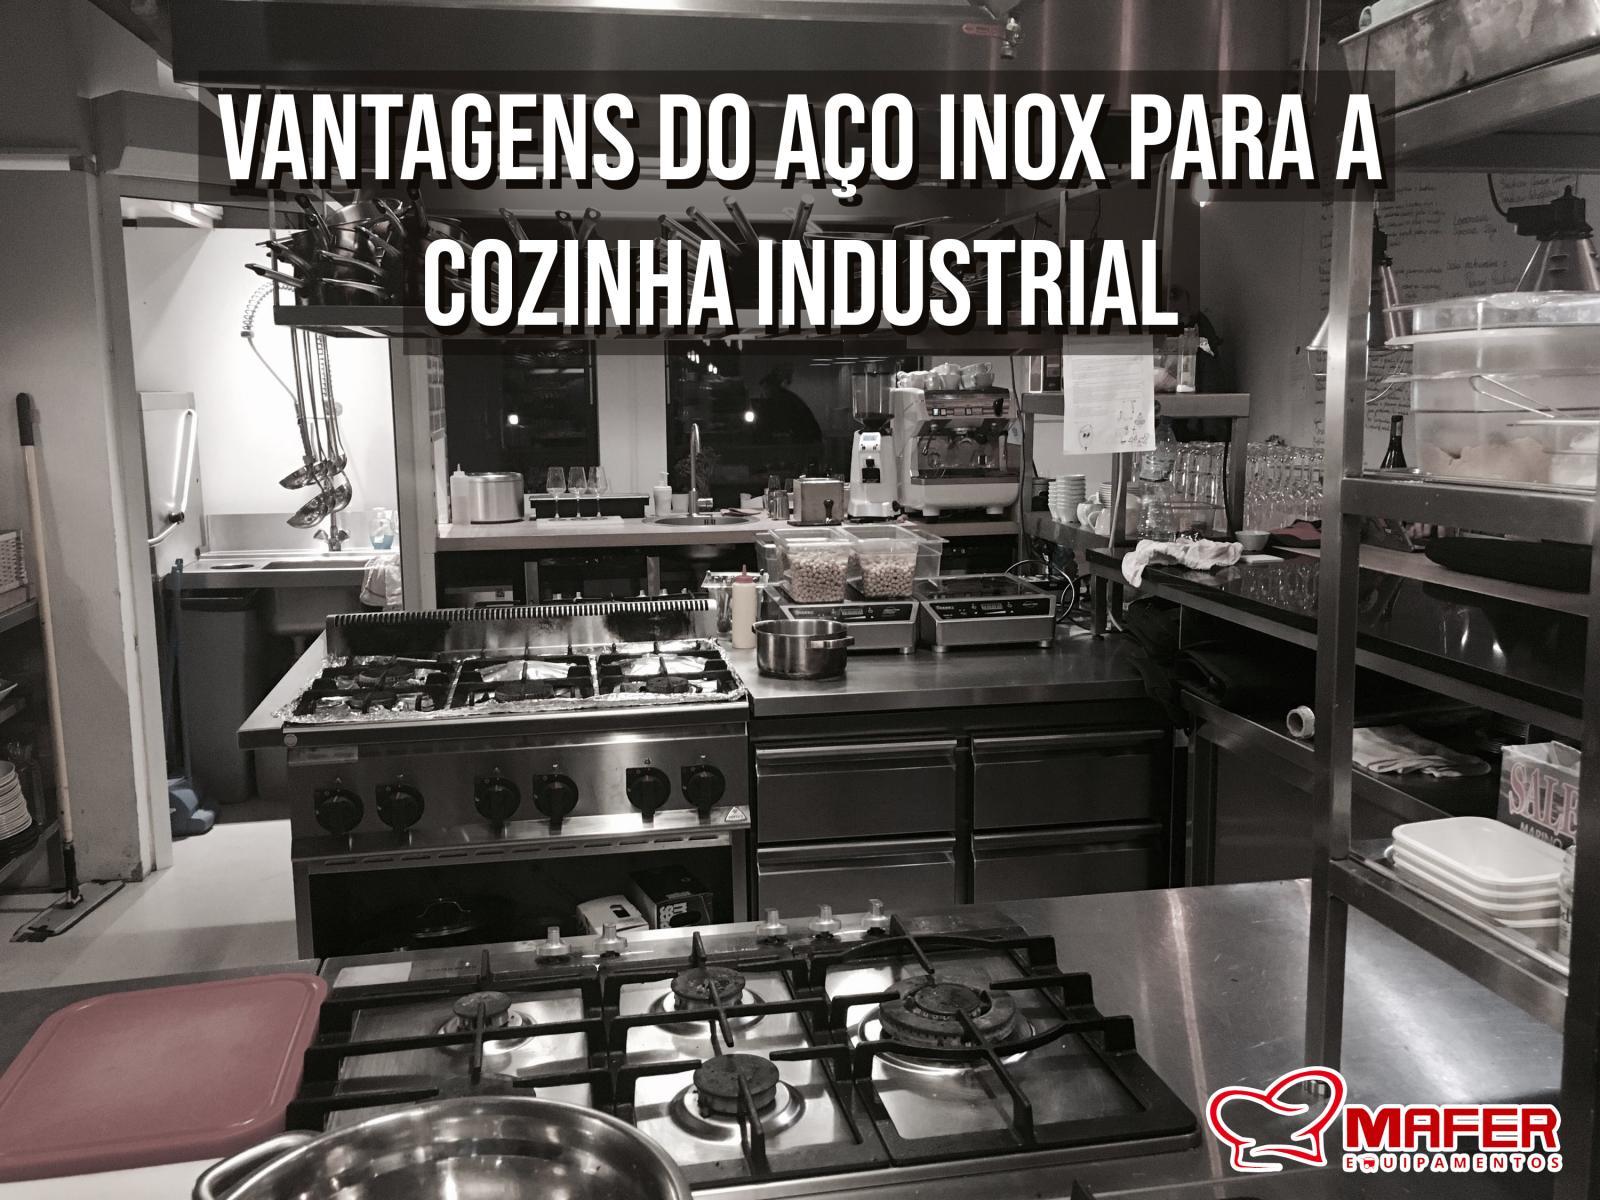 Vantagens do Aço Inox para a cozinha industrial